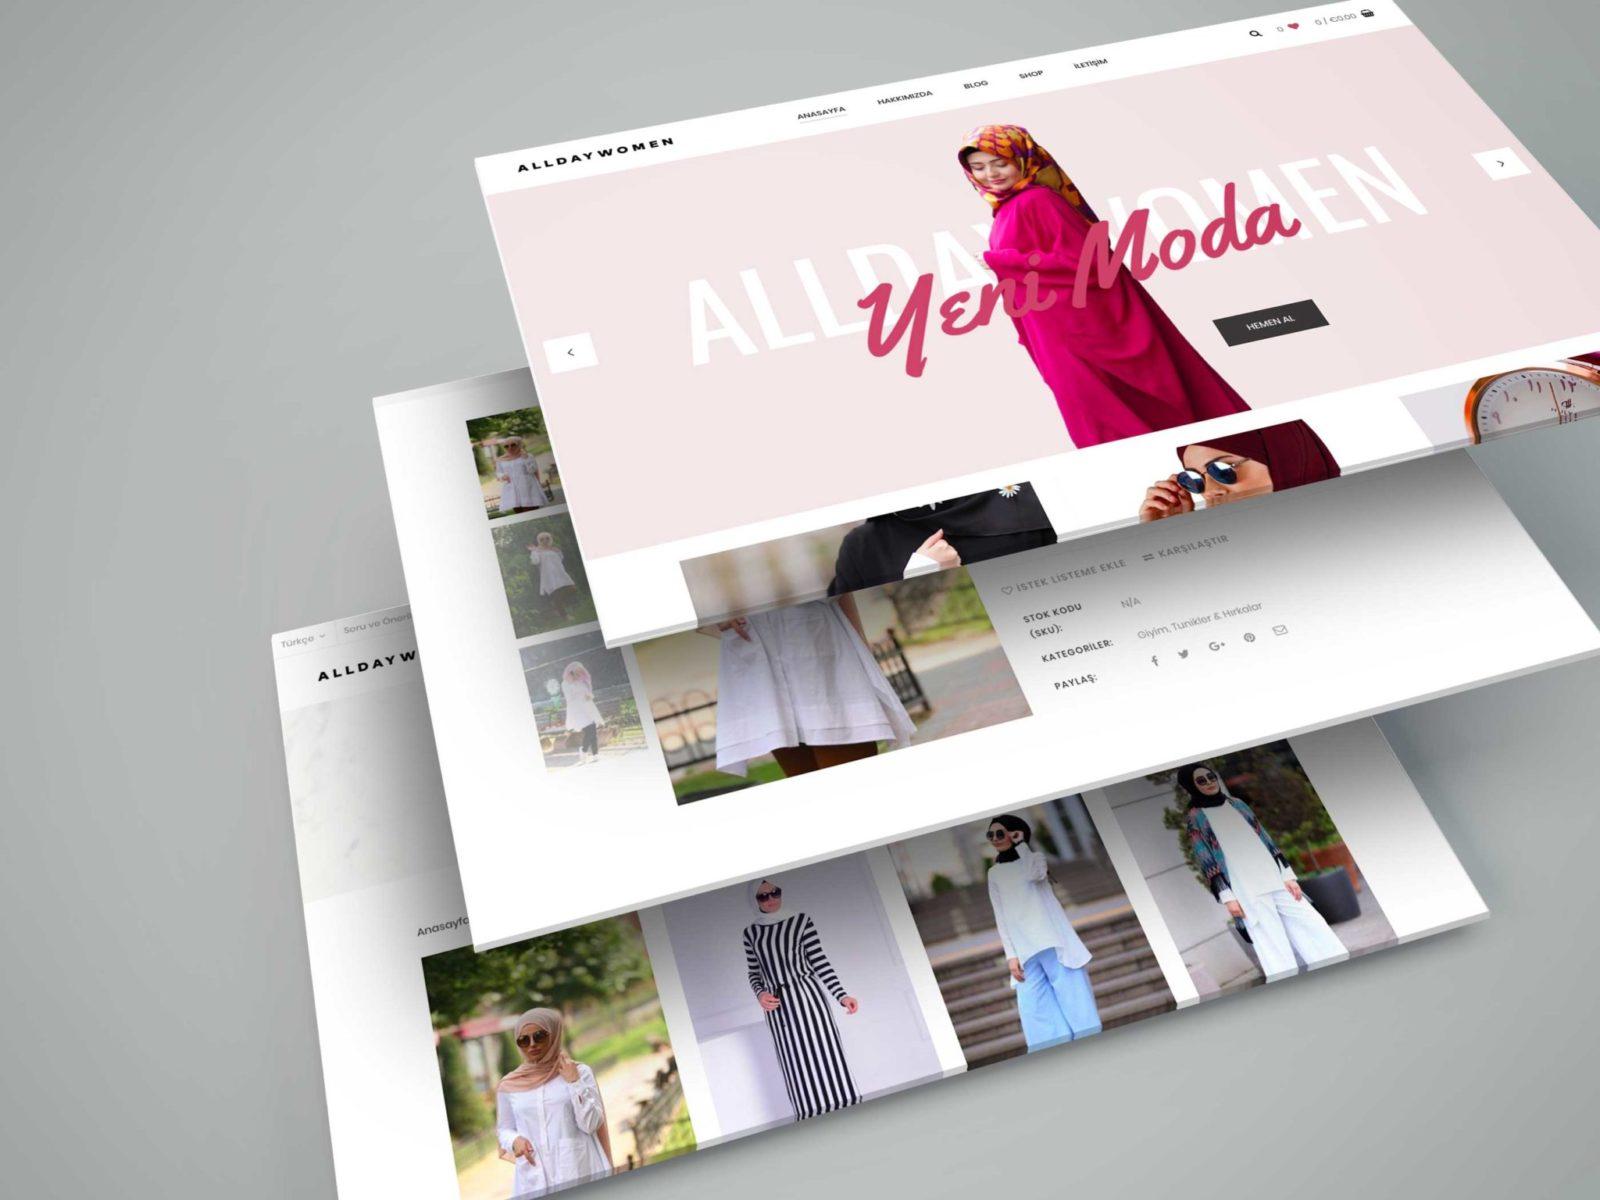 AllDayWomen Kurumsal Website Tasarımı 2